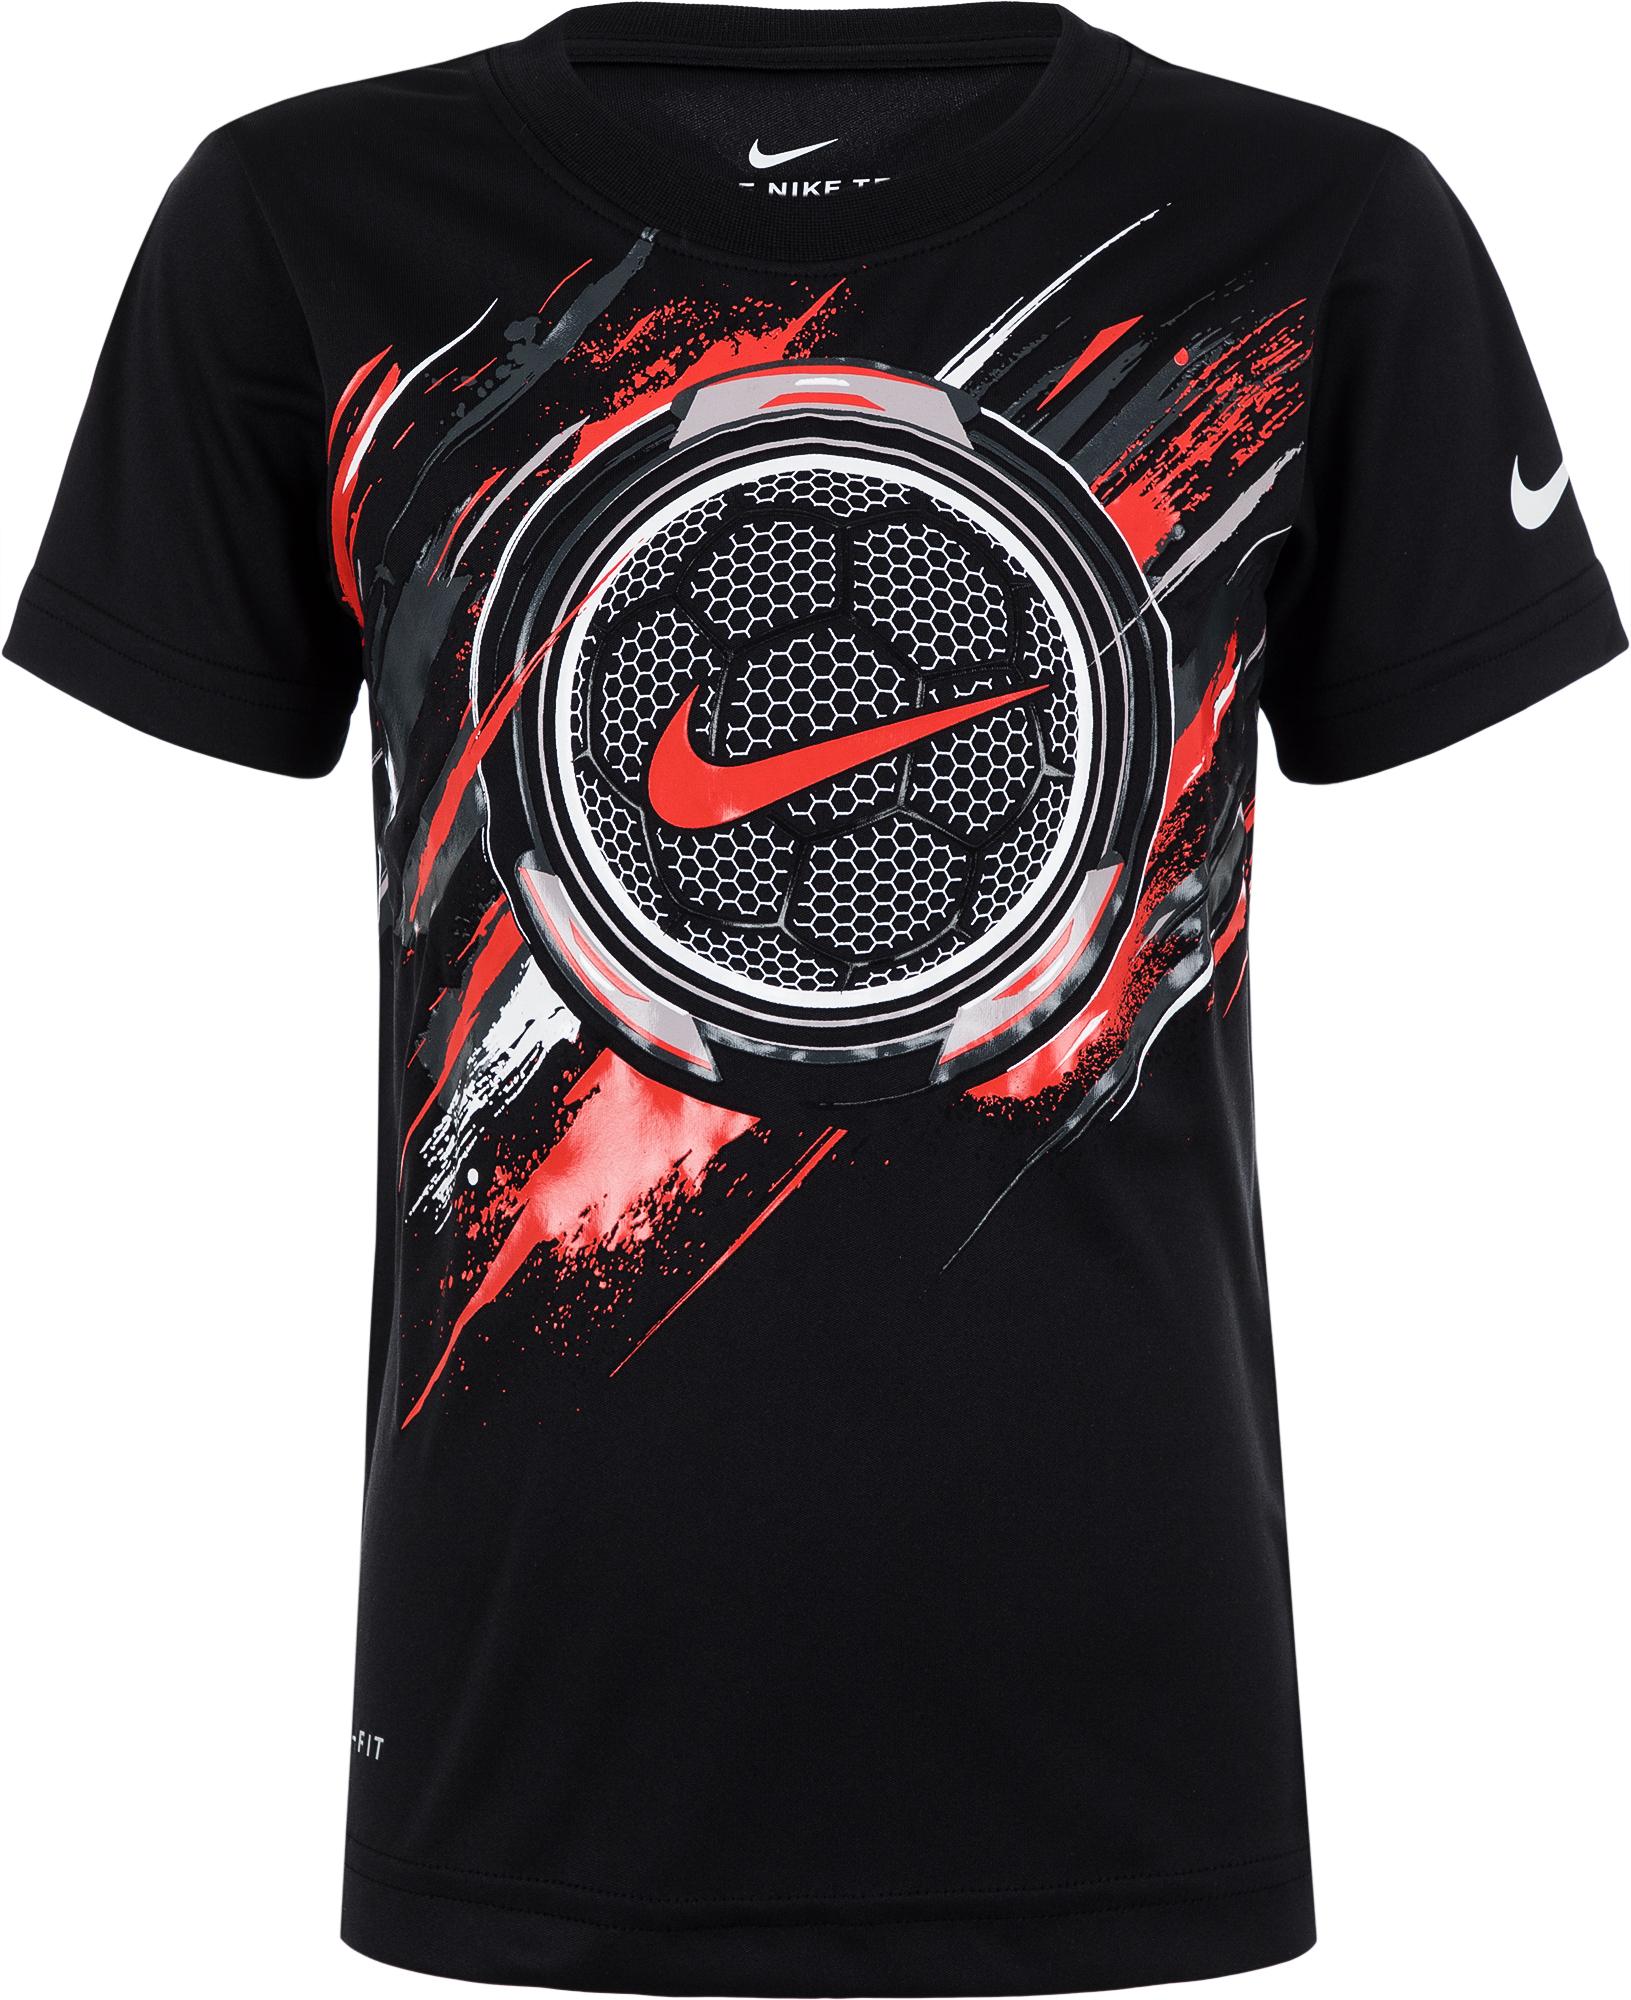 74ab7322 Практичная футболка nike для самых маленьких любителей спортивного стиля.